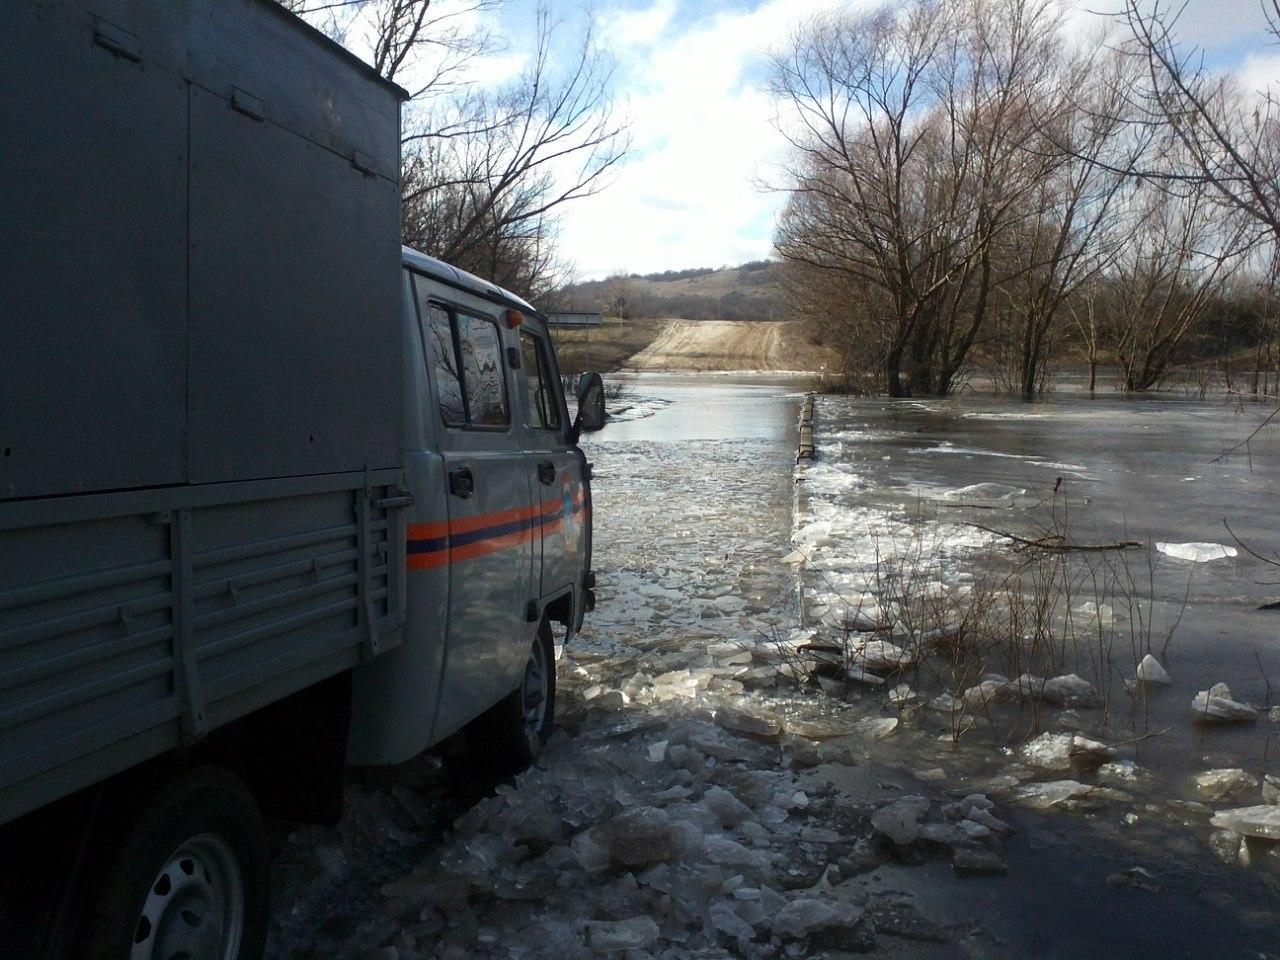 Спасатели Ростовской области доставили продукты питания в «отрезанный водой» хутор